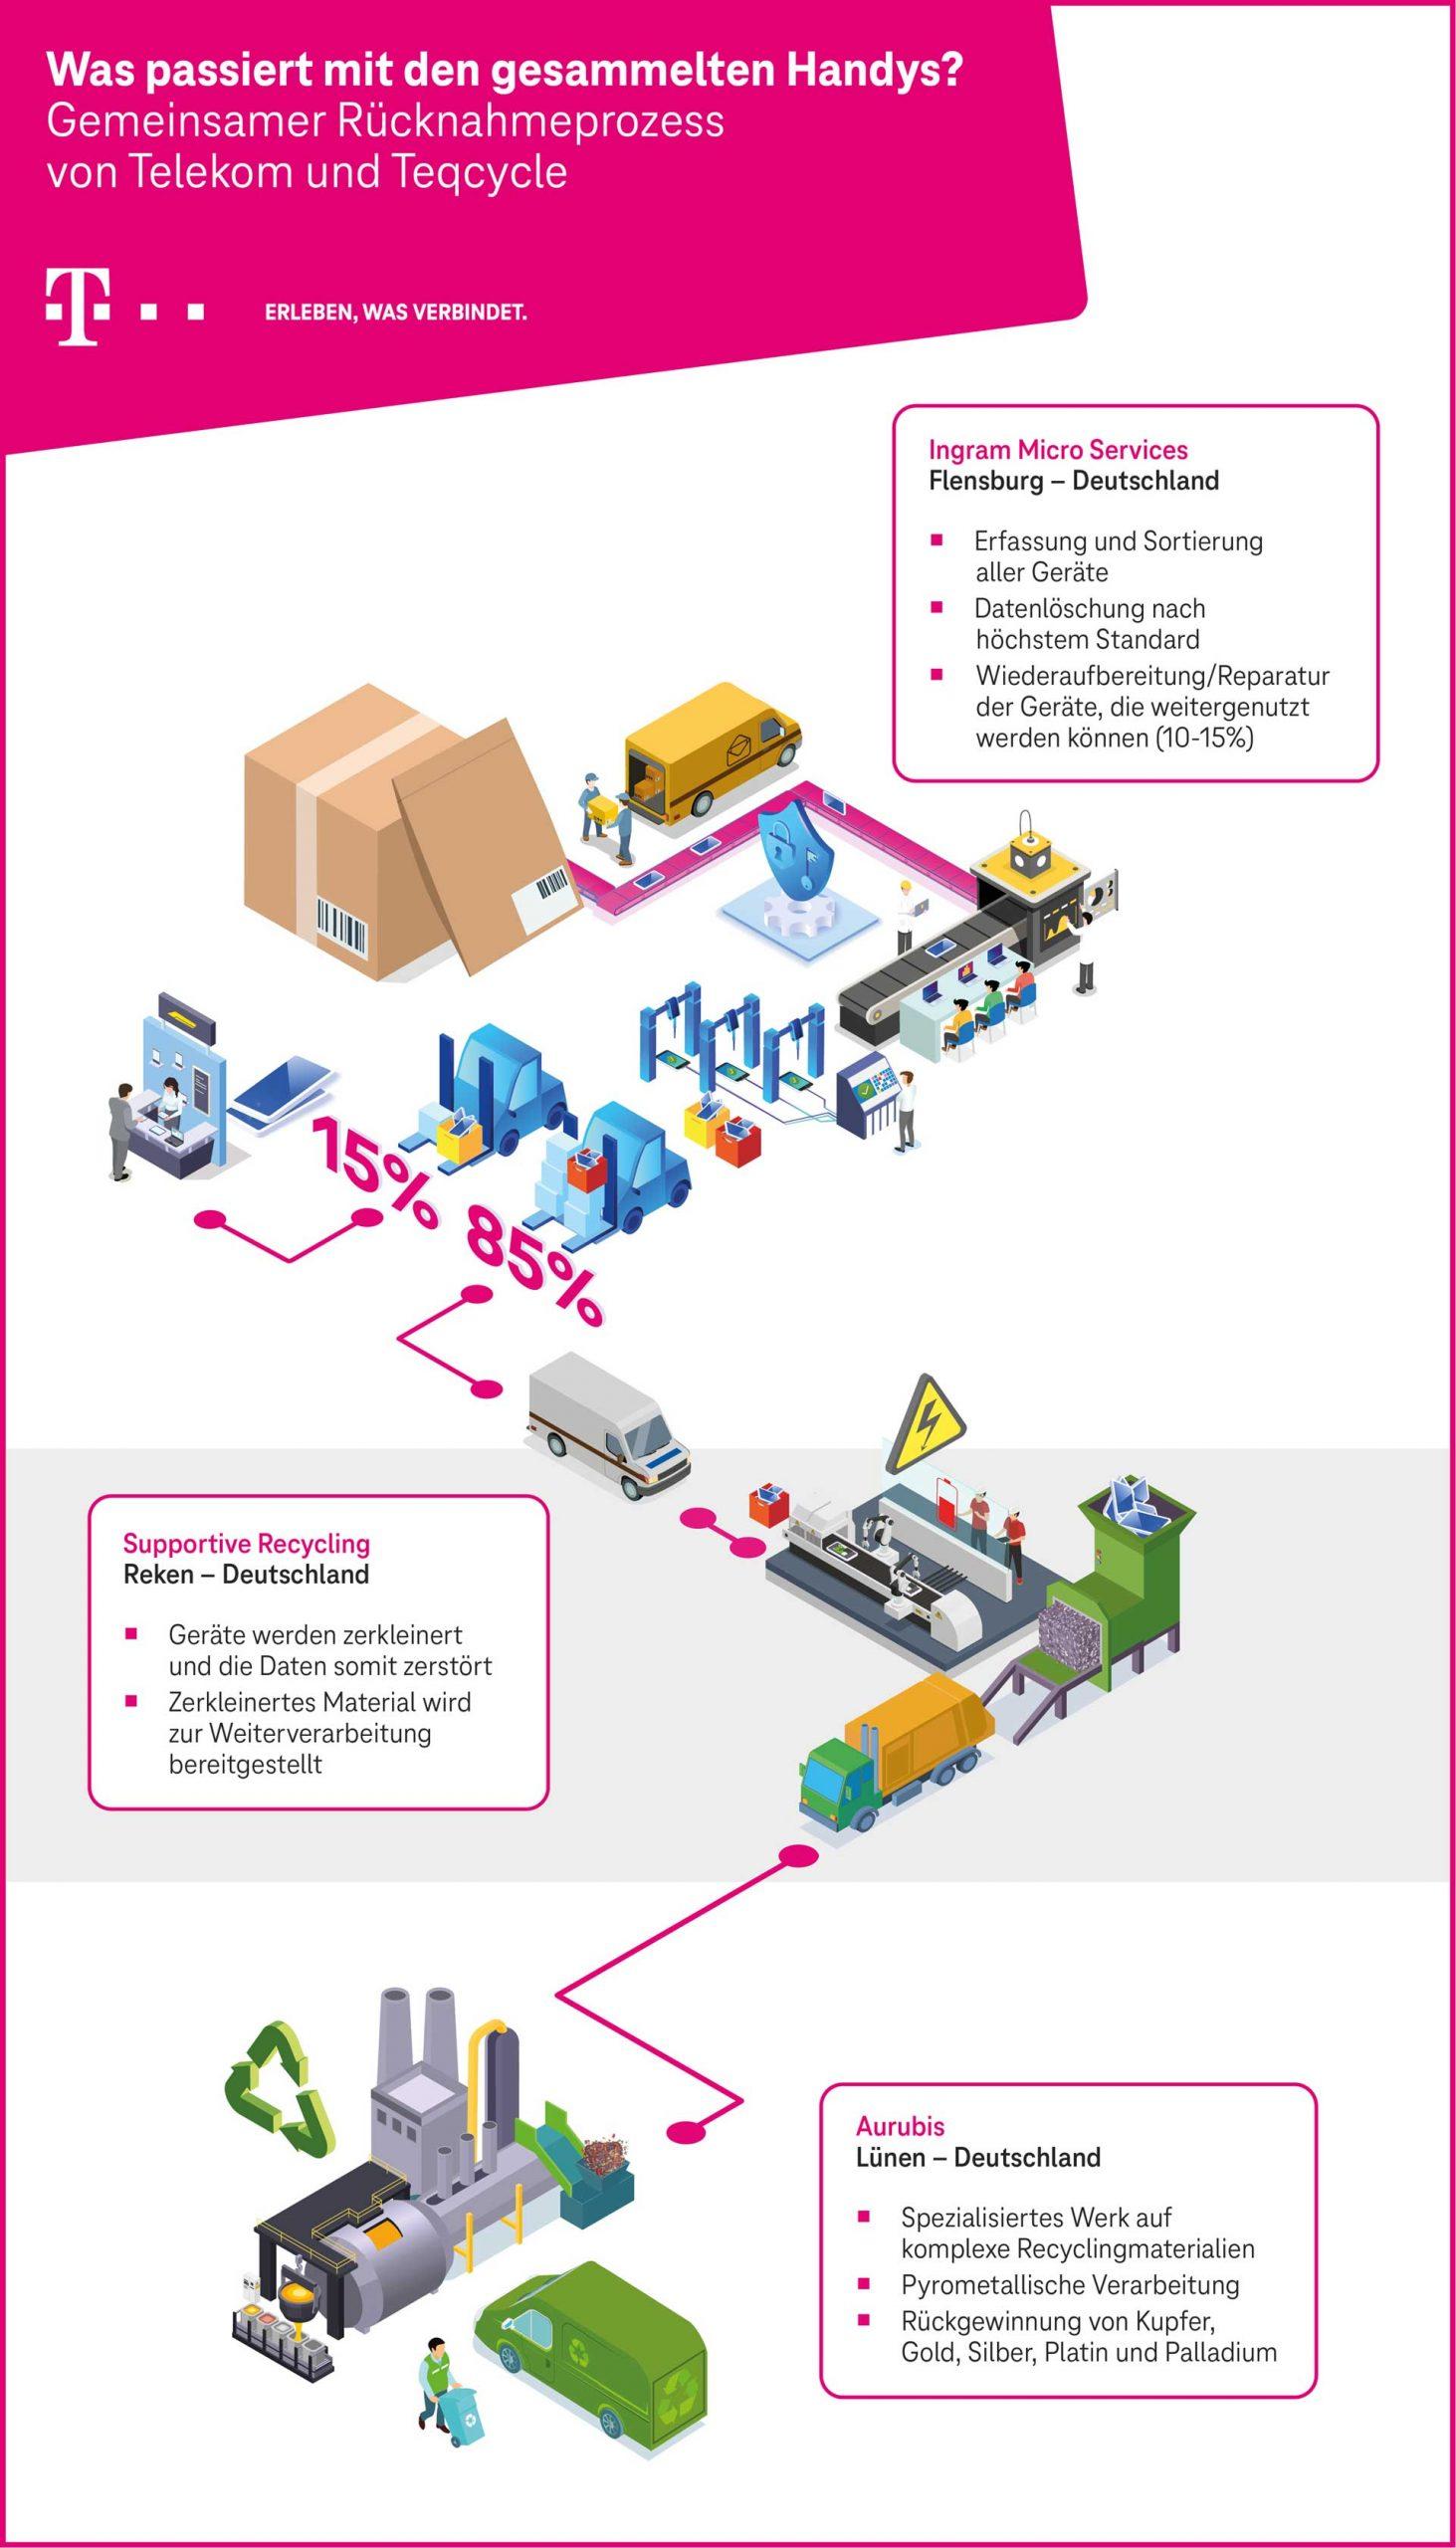 Grafik des Prozessablaufs zum gemeinsamen Rücknahmeprozess von Telekom und Teqcycle mit den verschiedenen Stationen und Subunternehmern in Deutschland